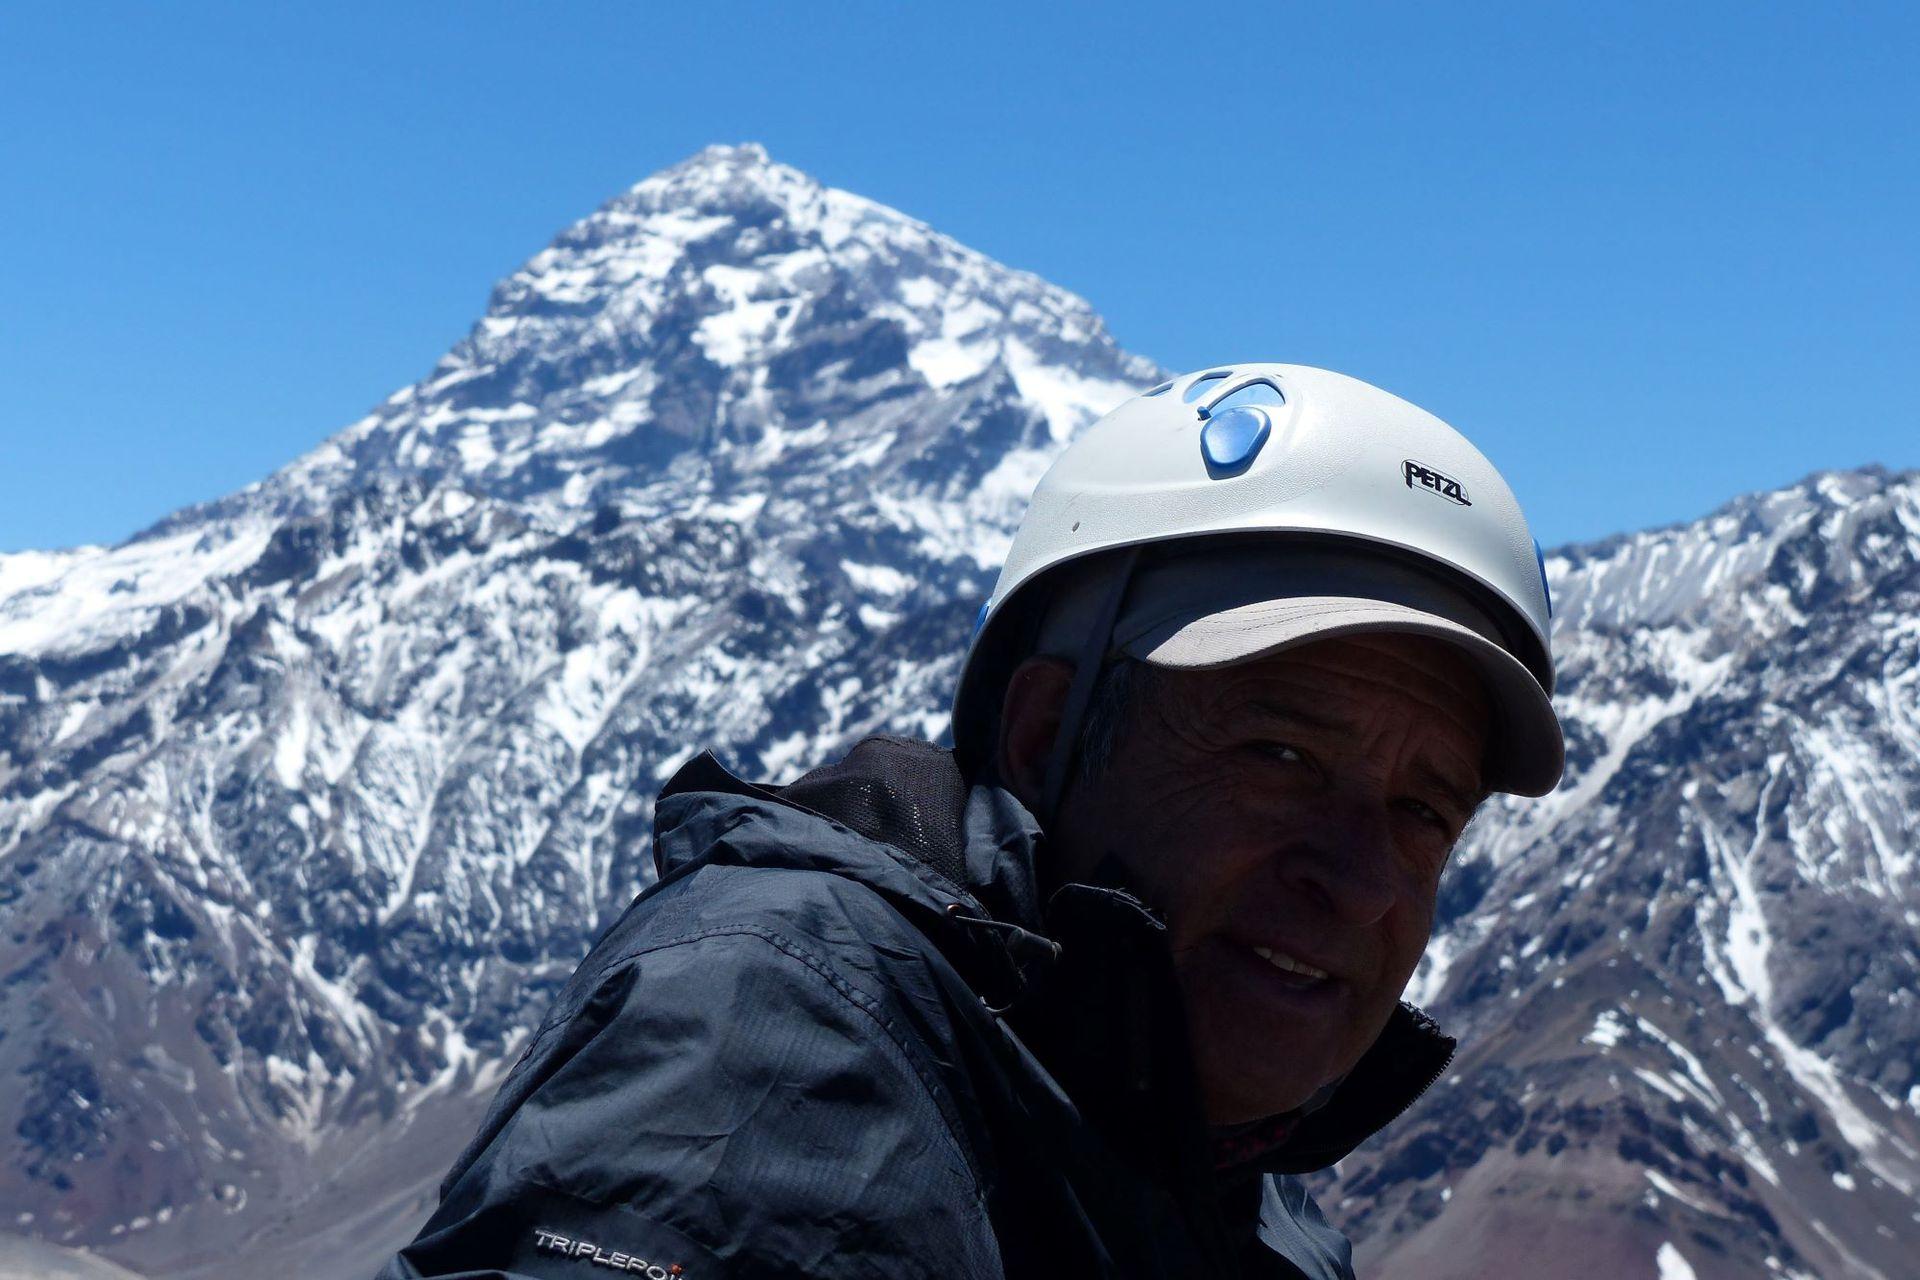 Lito Sánchez tiene el récord de ascensos al Aconcagua: llegó a la cima 74 veces y también subió a cerros del Himalaya de más de 8000 metros